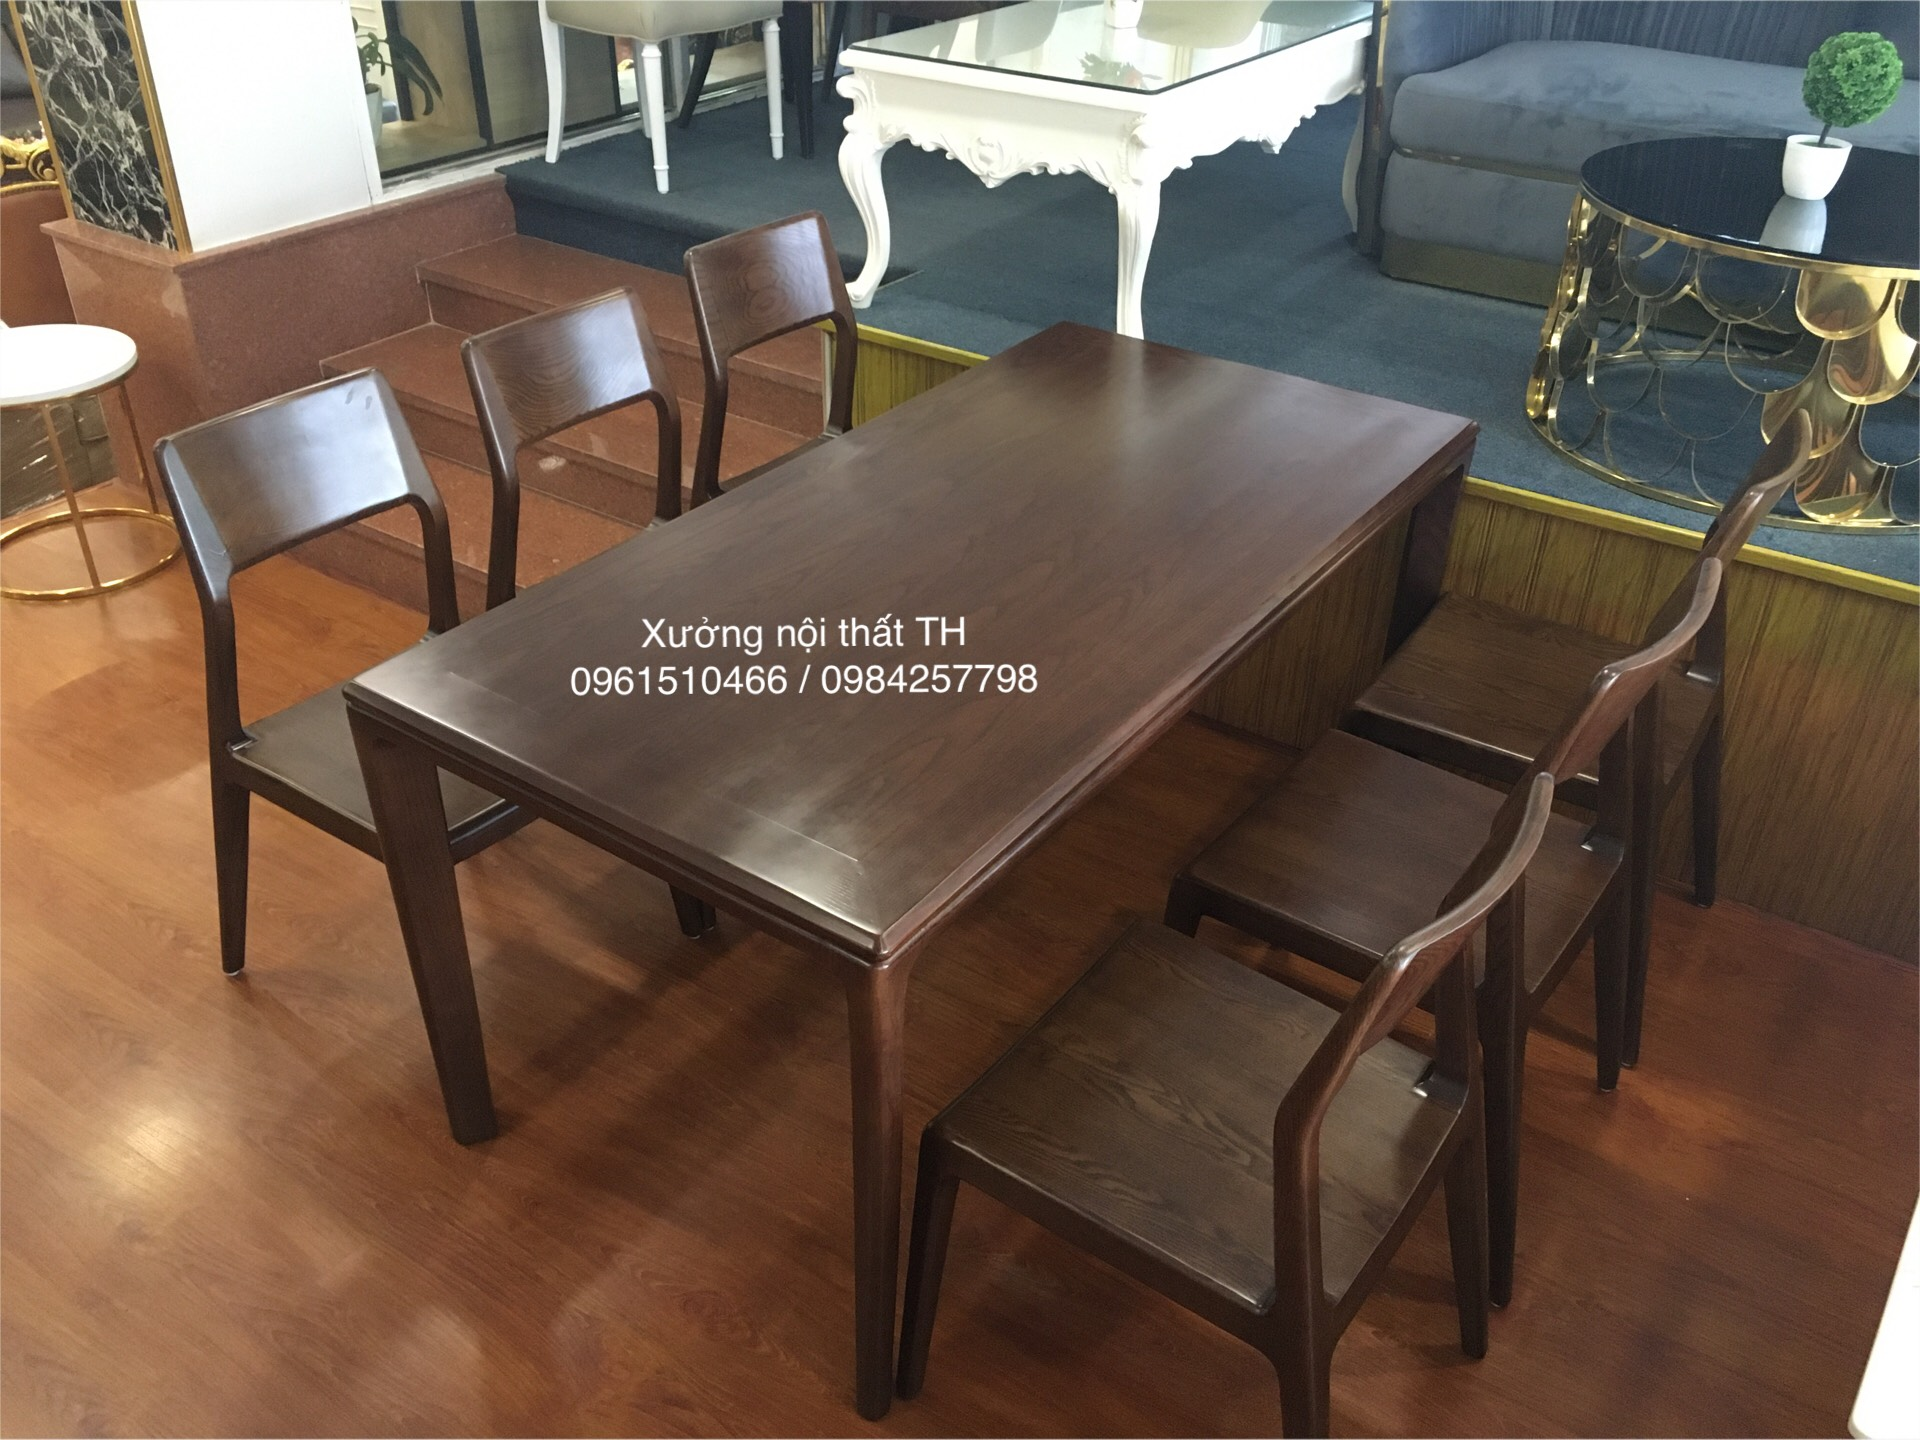 Bộ bàn ghế ăn gỗ sồi tự nhiên thân thuộc, ấm cũng mà cũng rất hiện đại, tinh tế